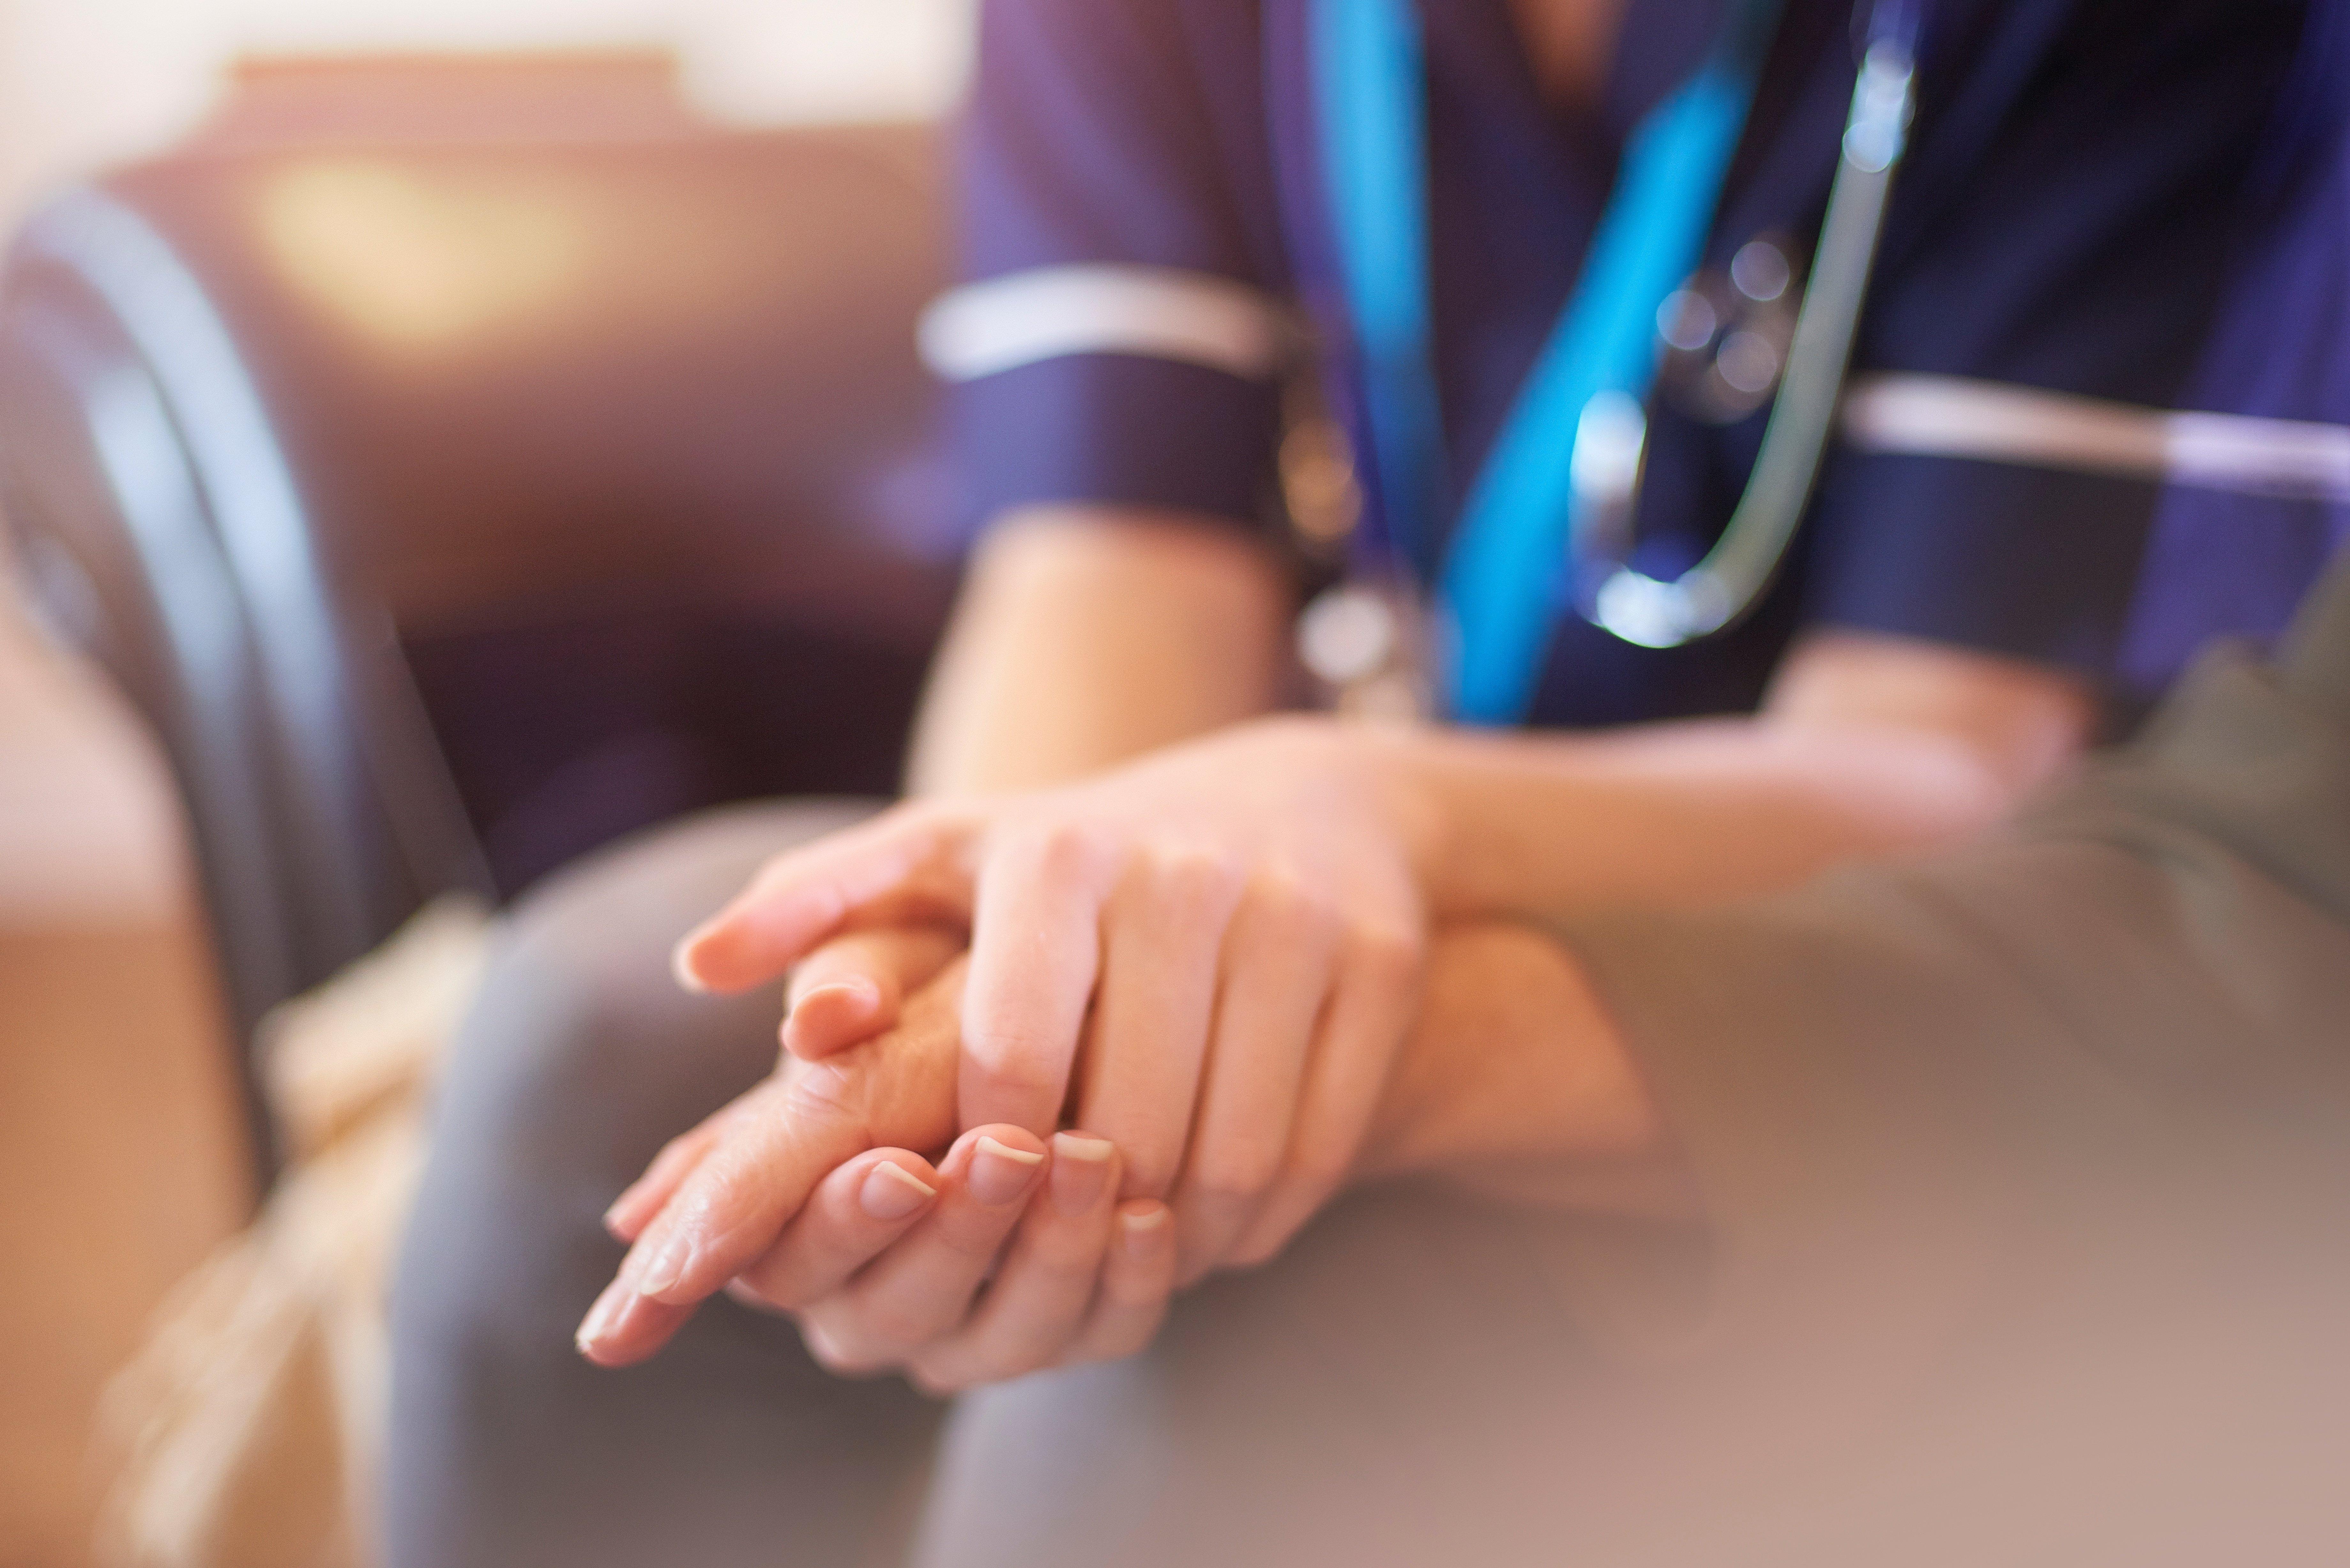 A nurse holding a palliative care patients hand